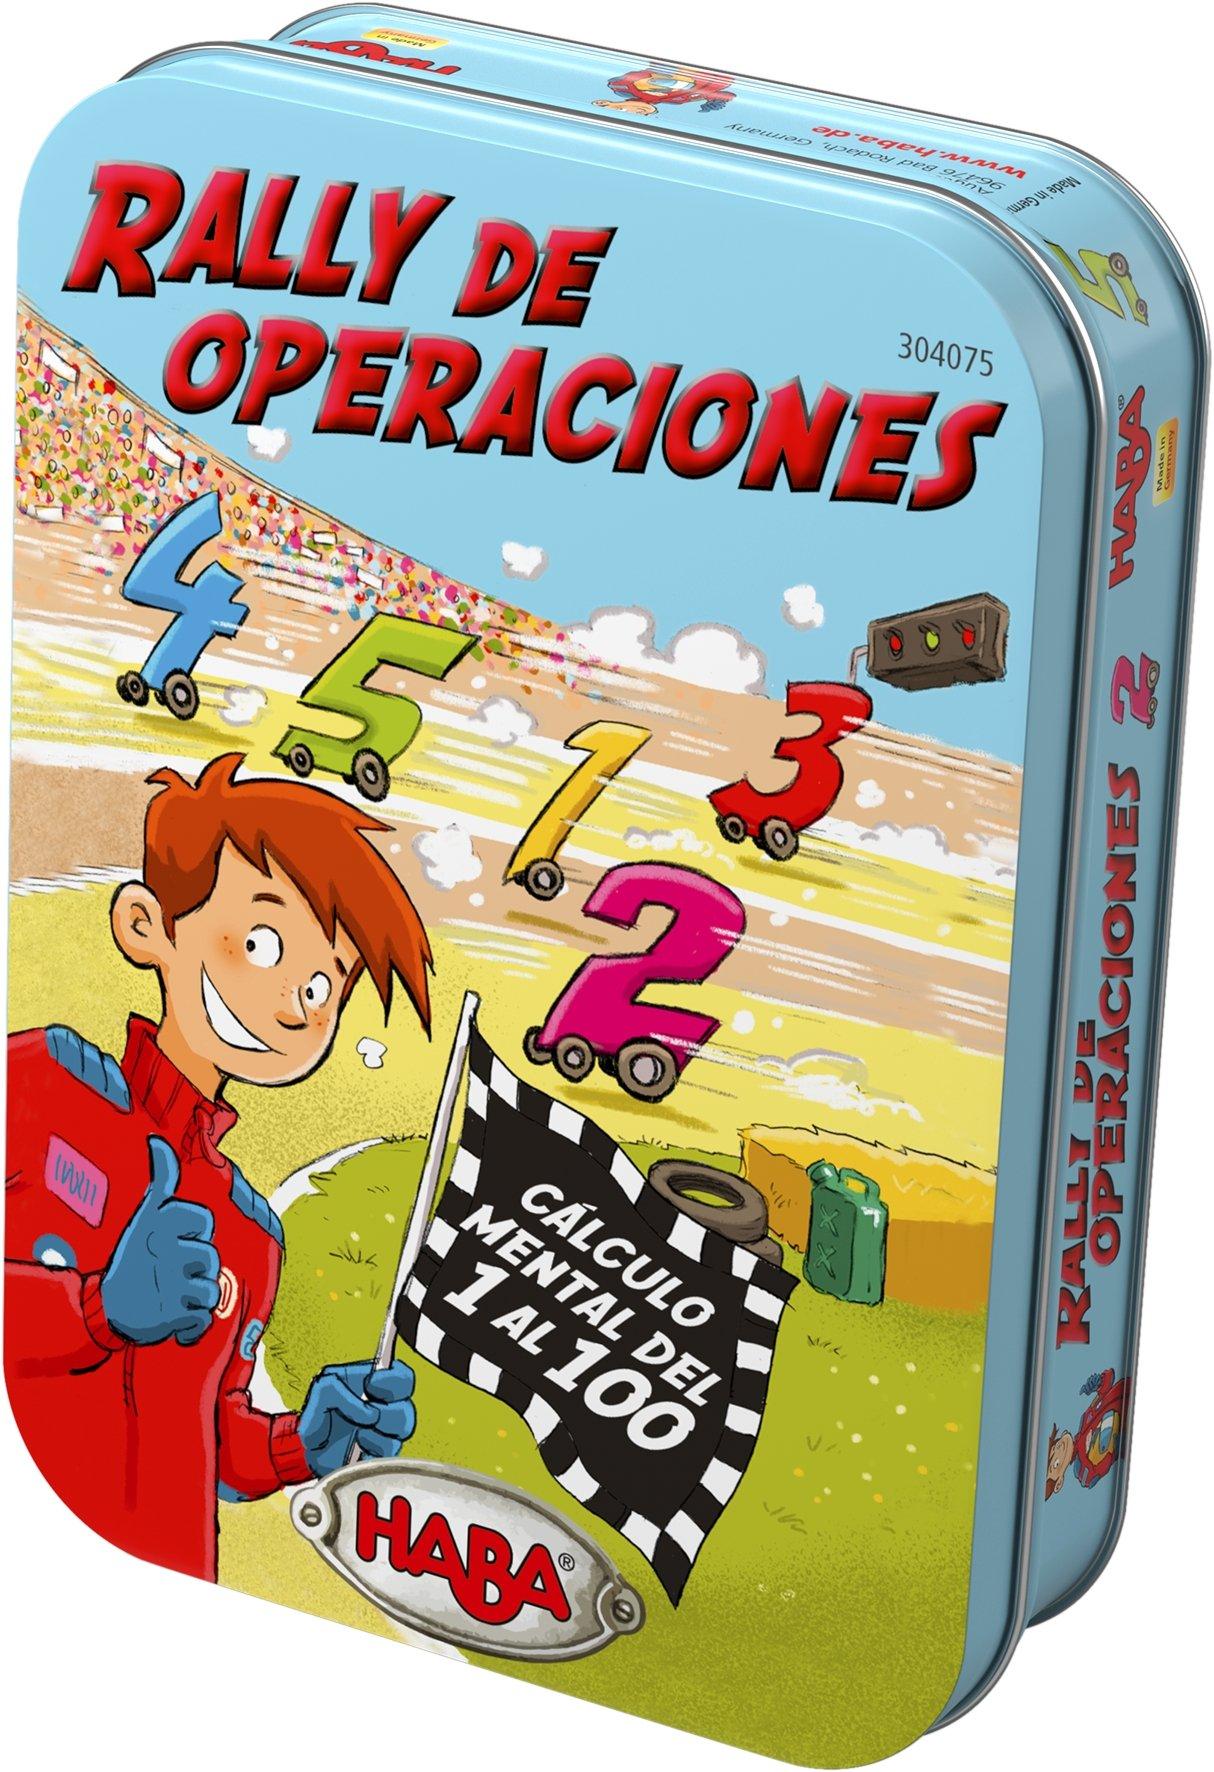 Haba- Rally de Operaciones - ESP, Multicolor (Habermass 304075): Amazon.es: Juguetes y juegos